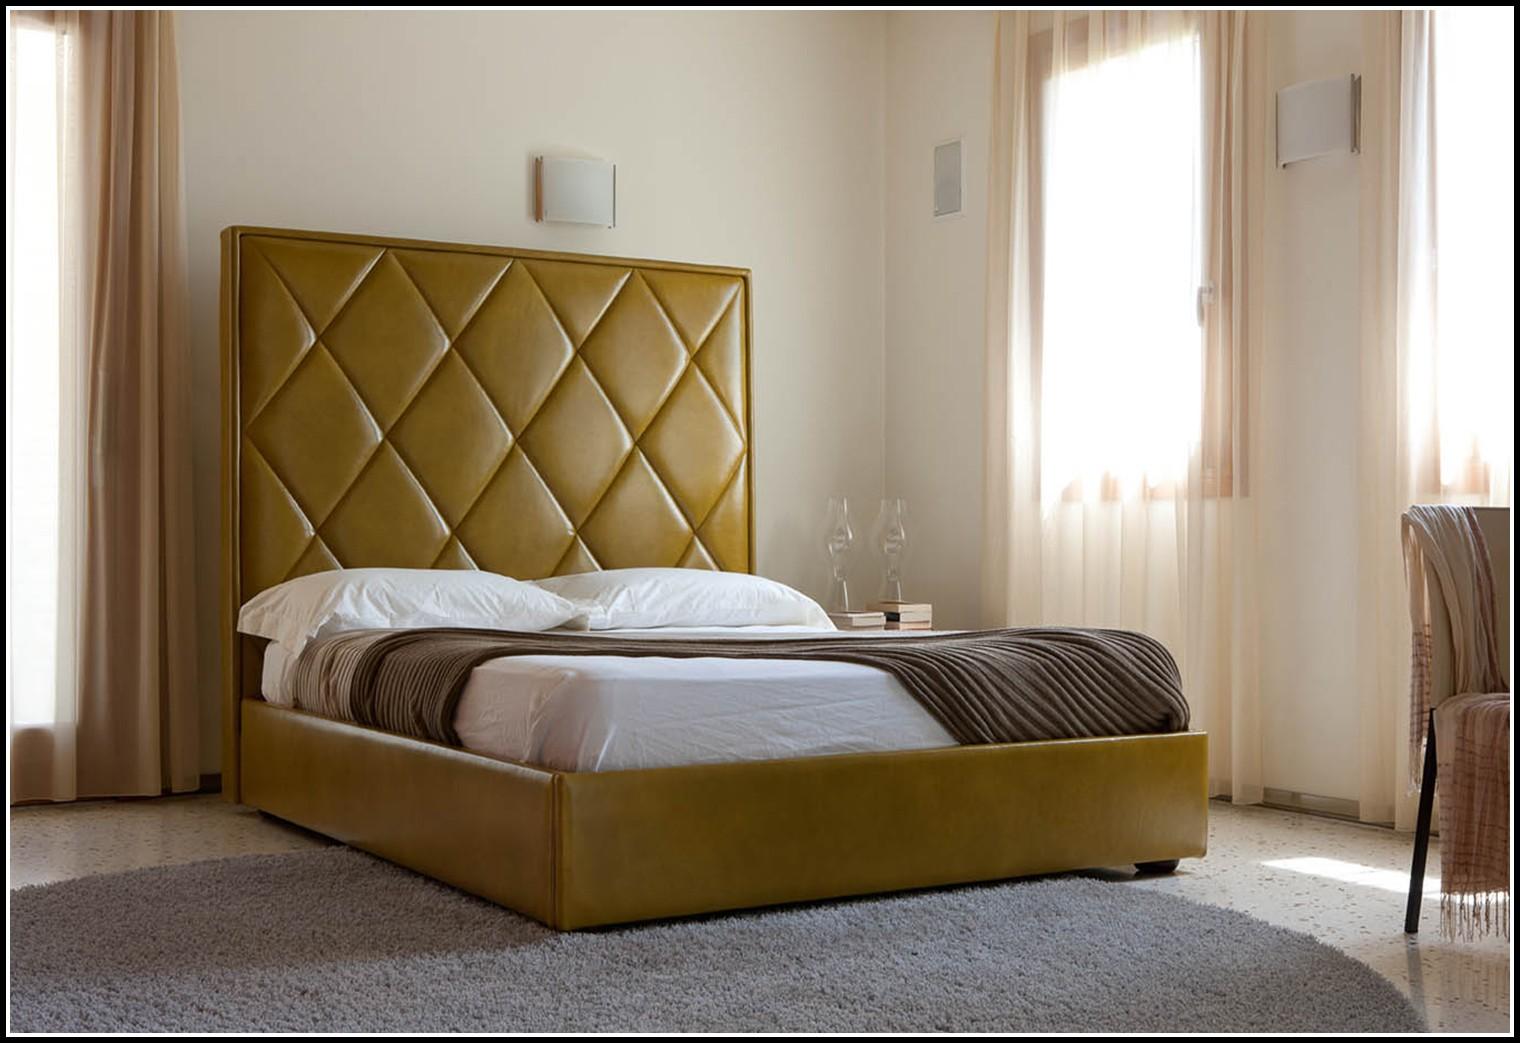 bett mit hohem kopfteil betten house und dekor galerie. Black Bedroom Furniture Sets. Home Design Ideas